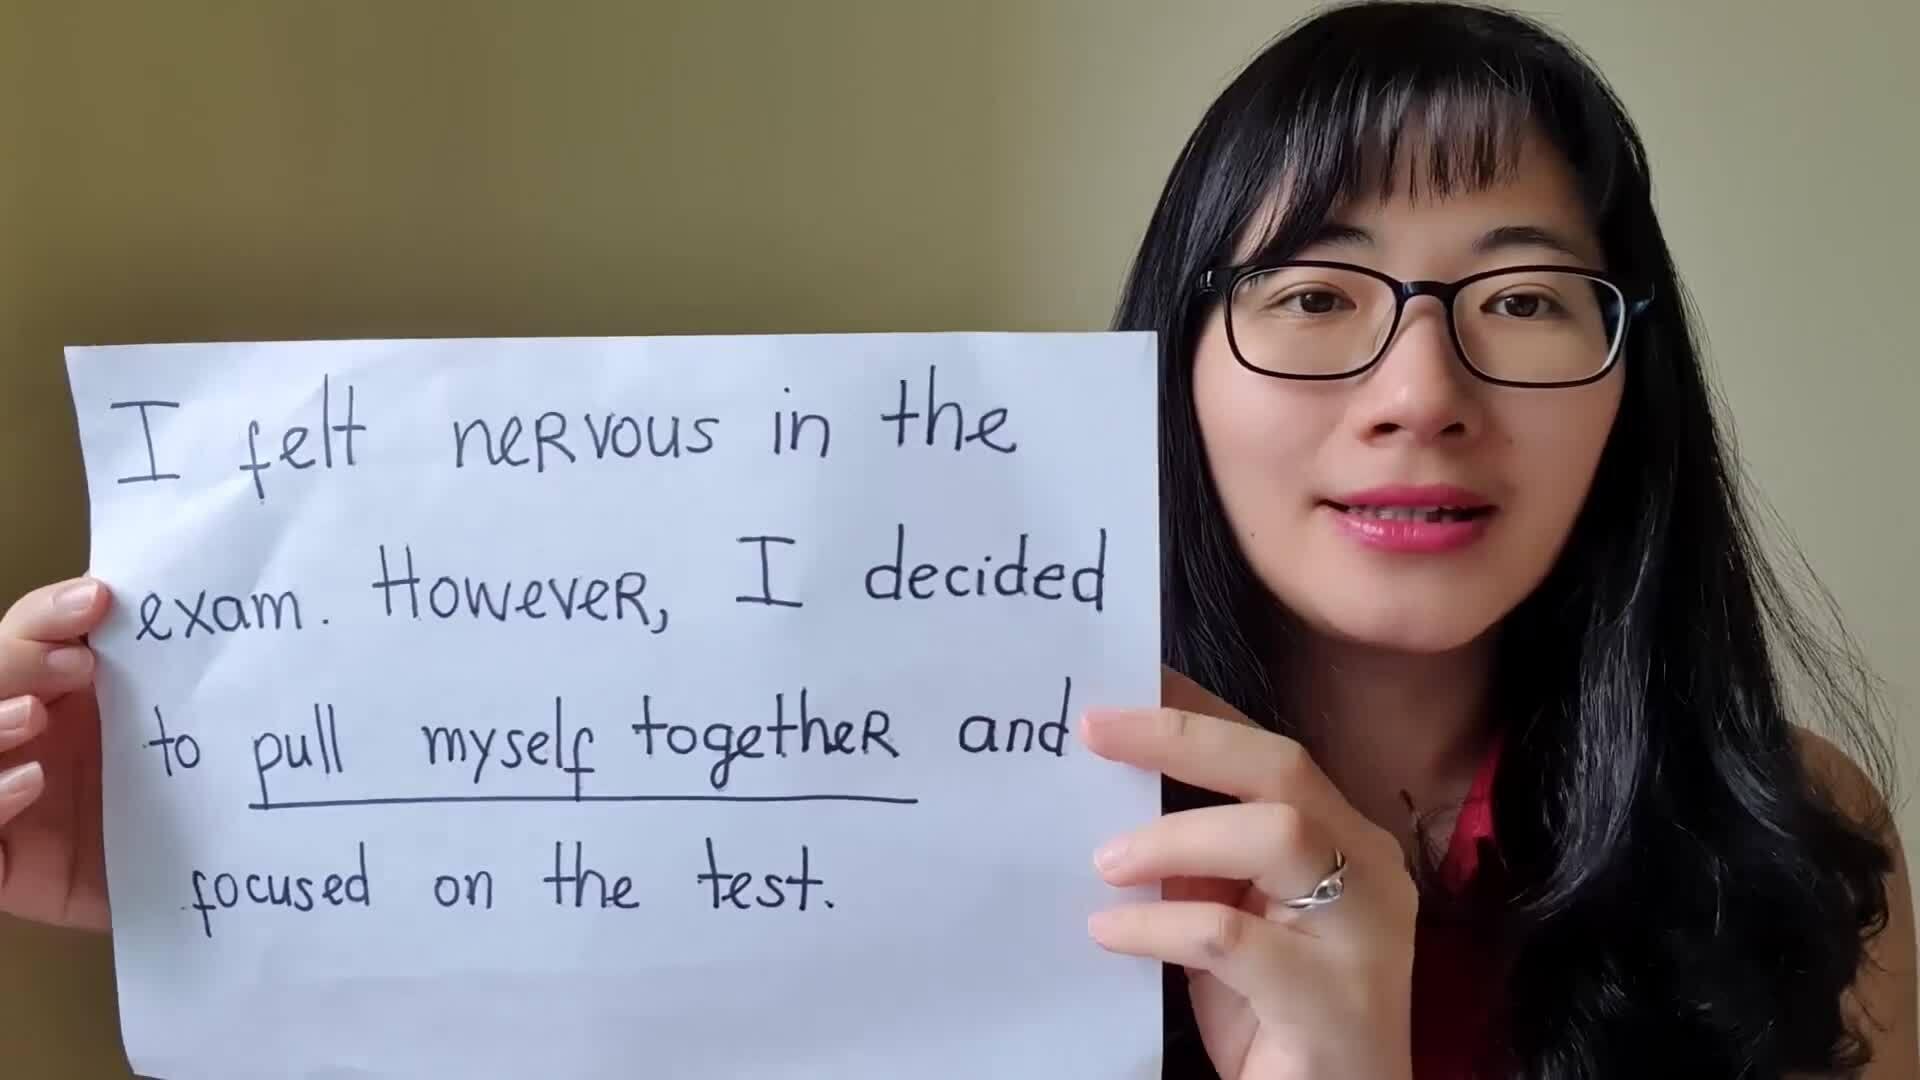 Diễn đạt 'lấy lại tinh thần' trong tiếng Anh thế nào?